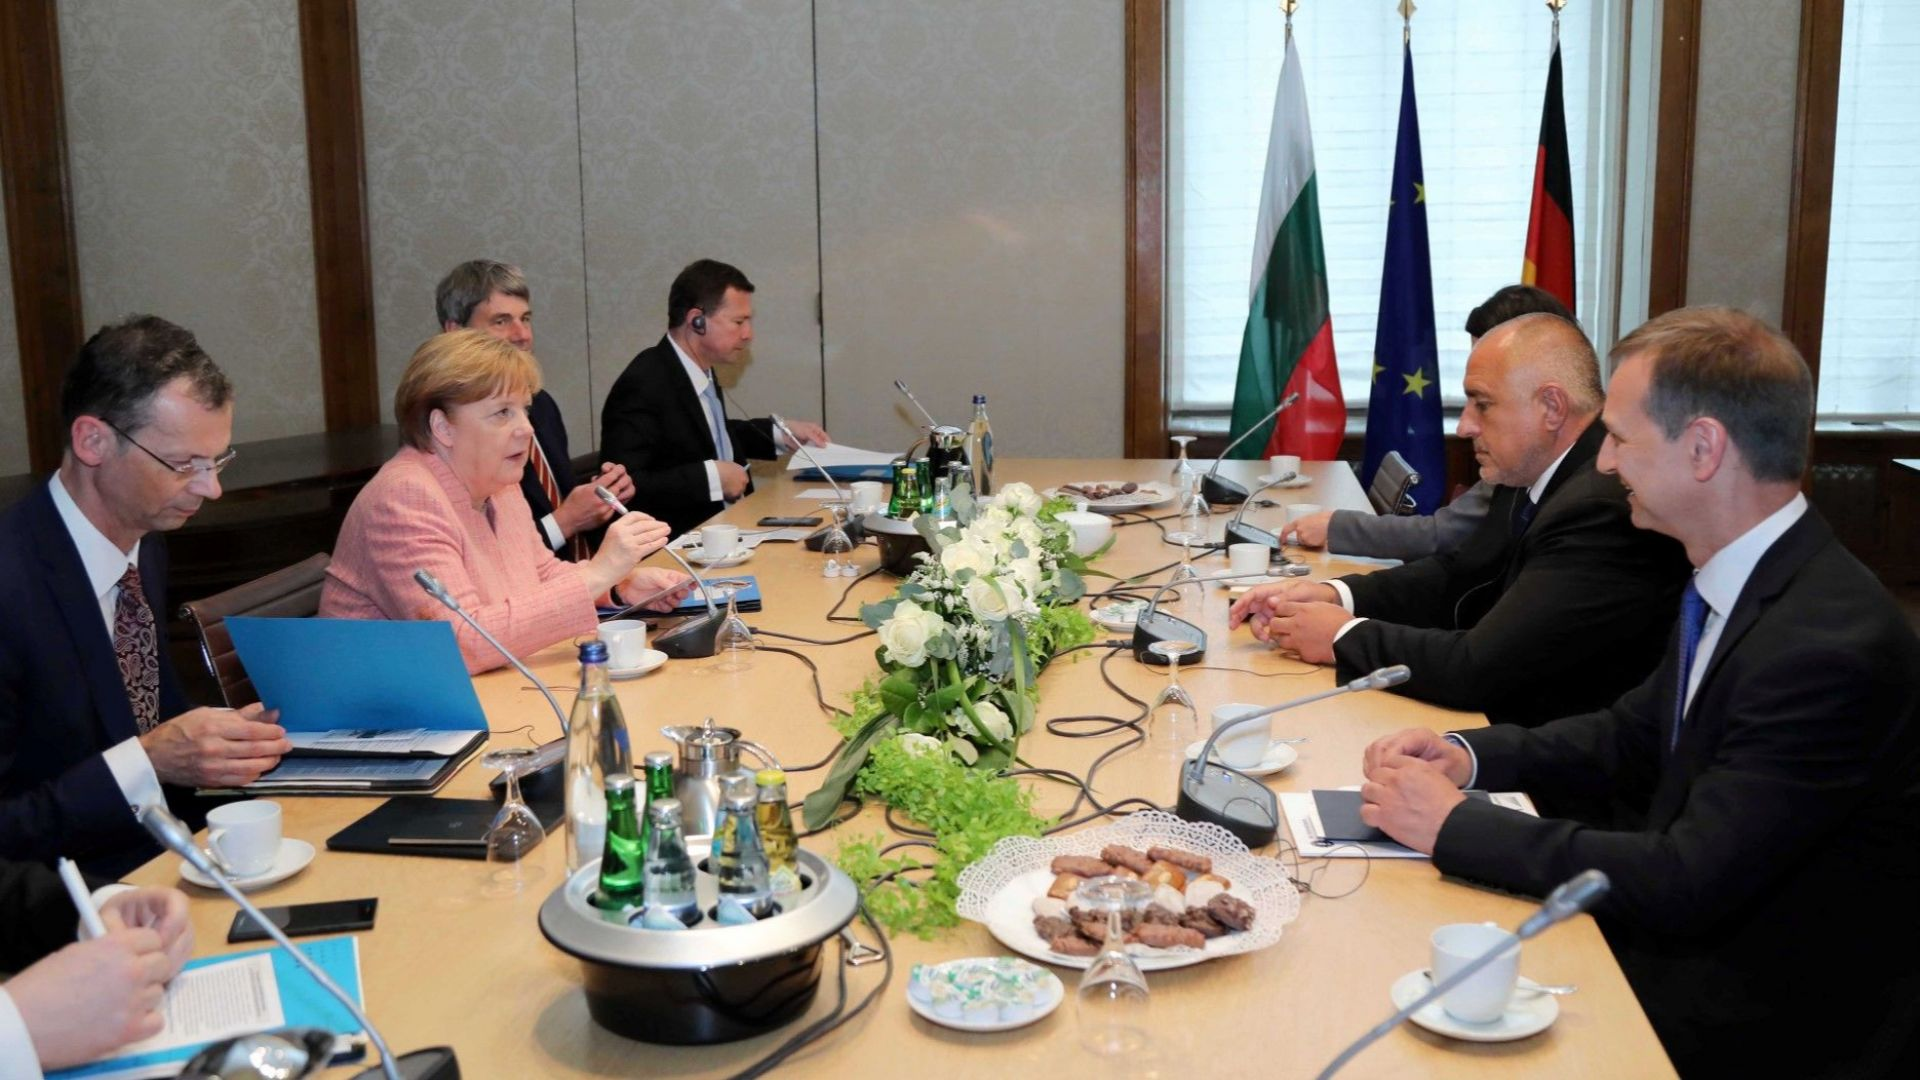 Премиерът Бойко Борисов се срещна с канцлера на Германия Ангела Меркел в Аахен